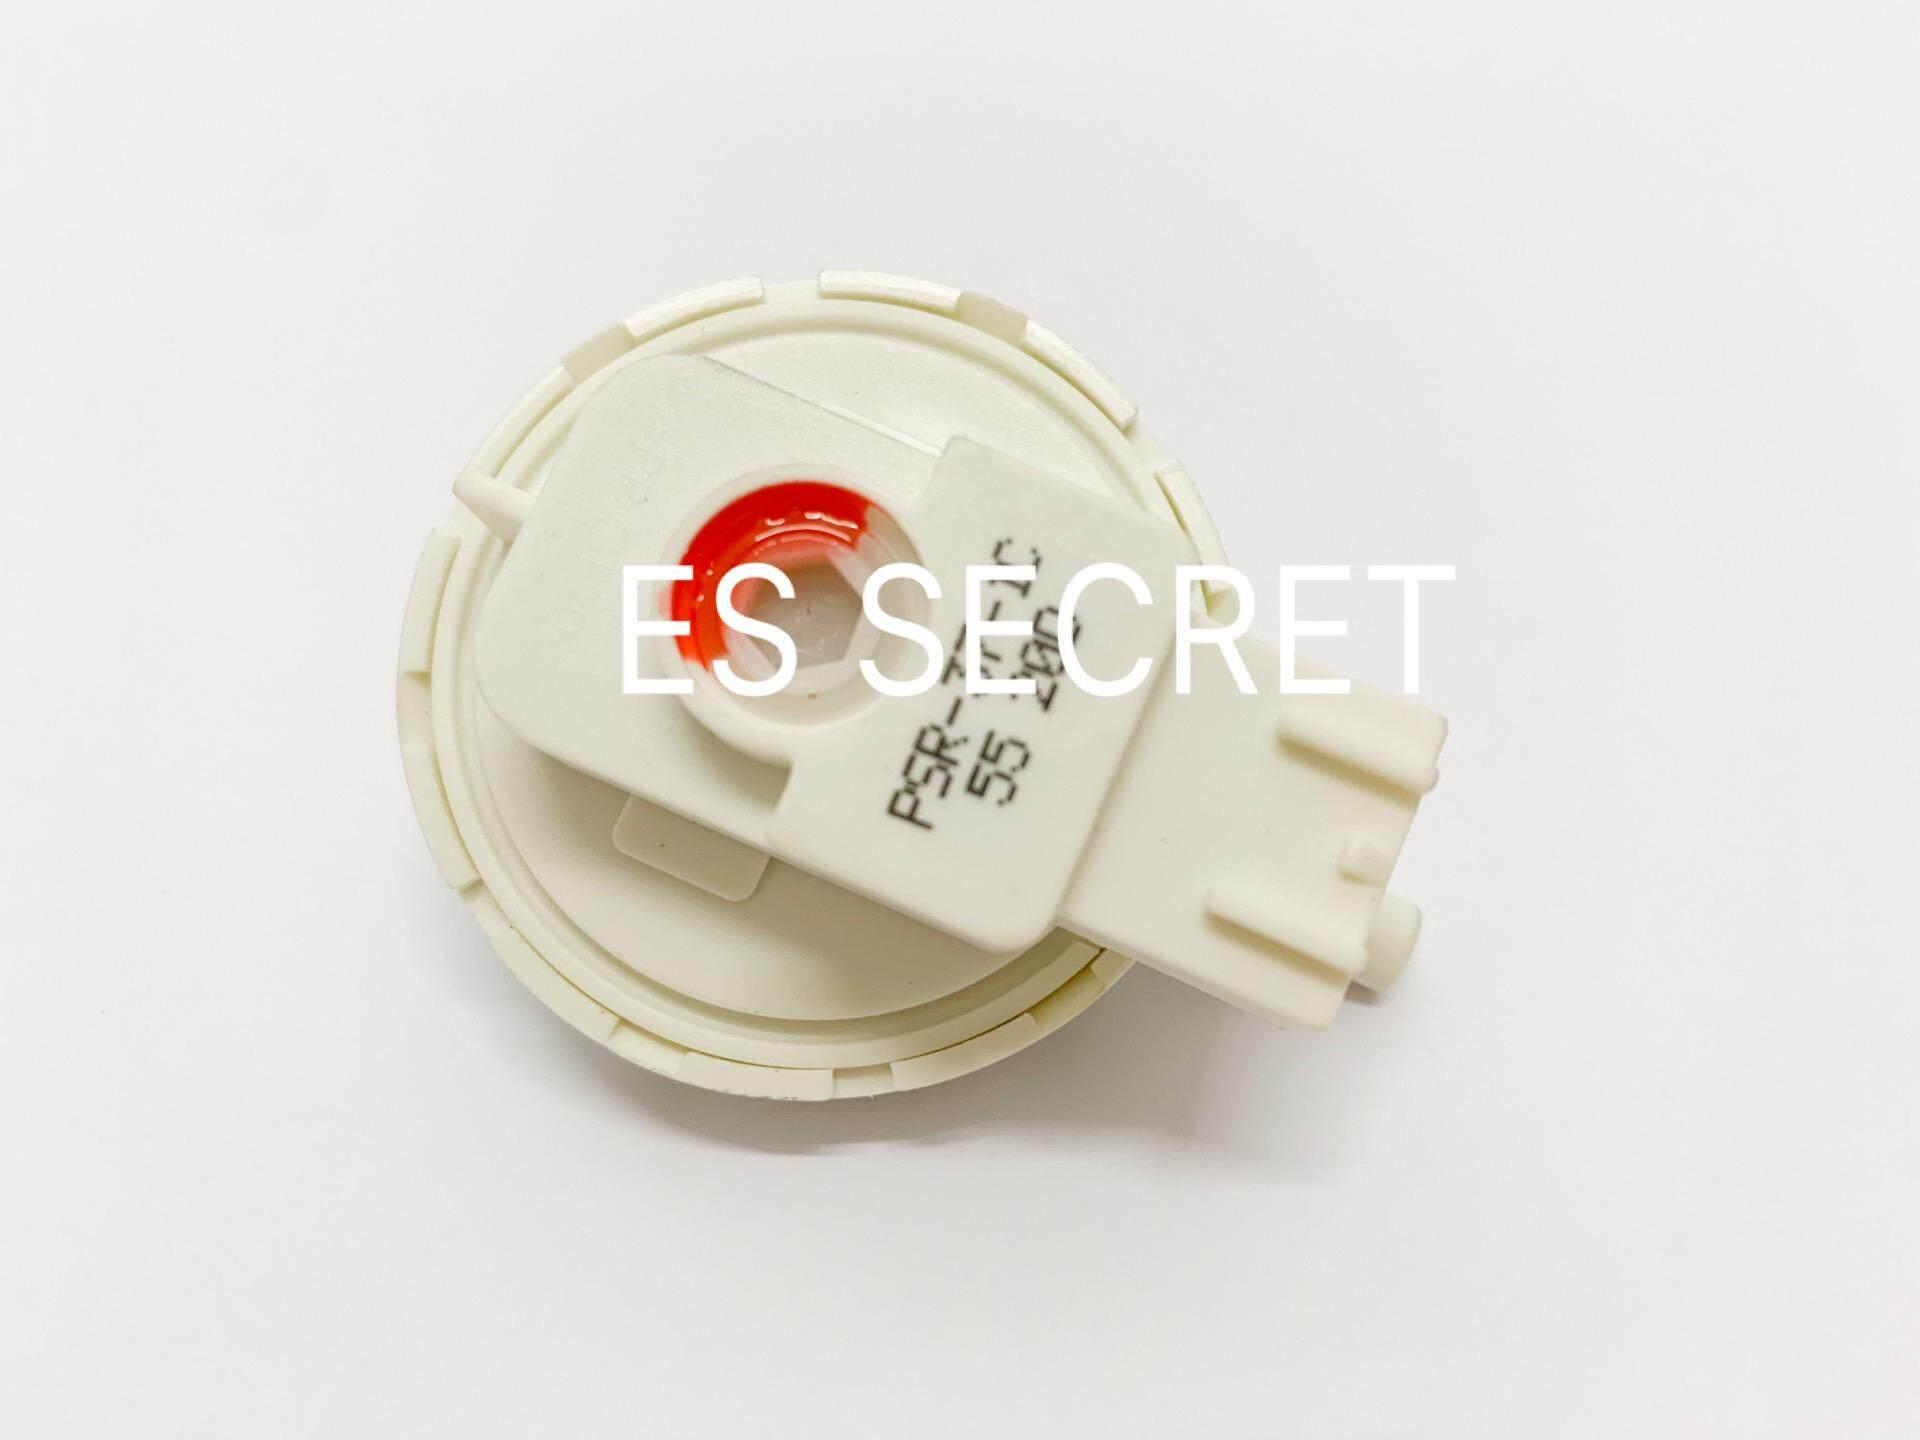 Panasonic Washing Machine Pressure Switch PSR-37